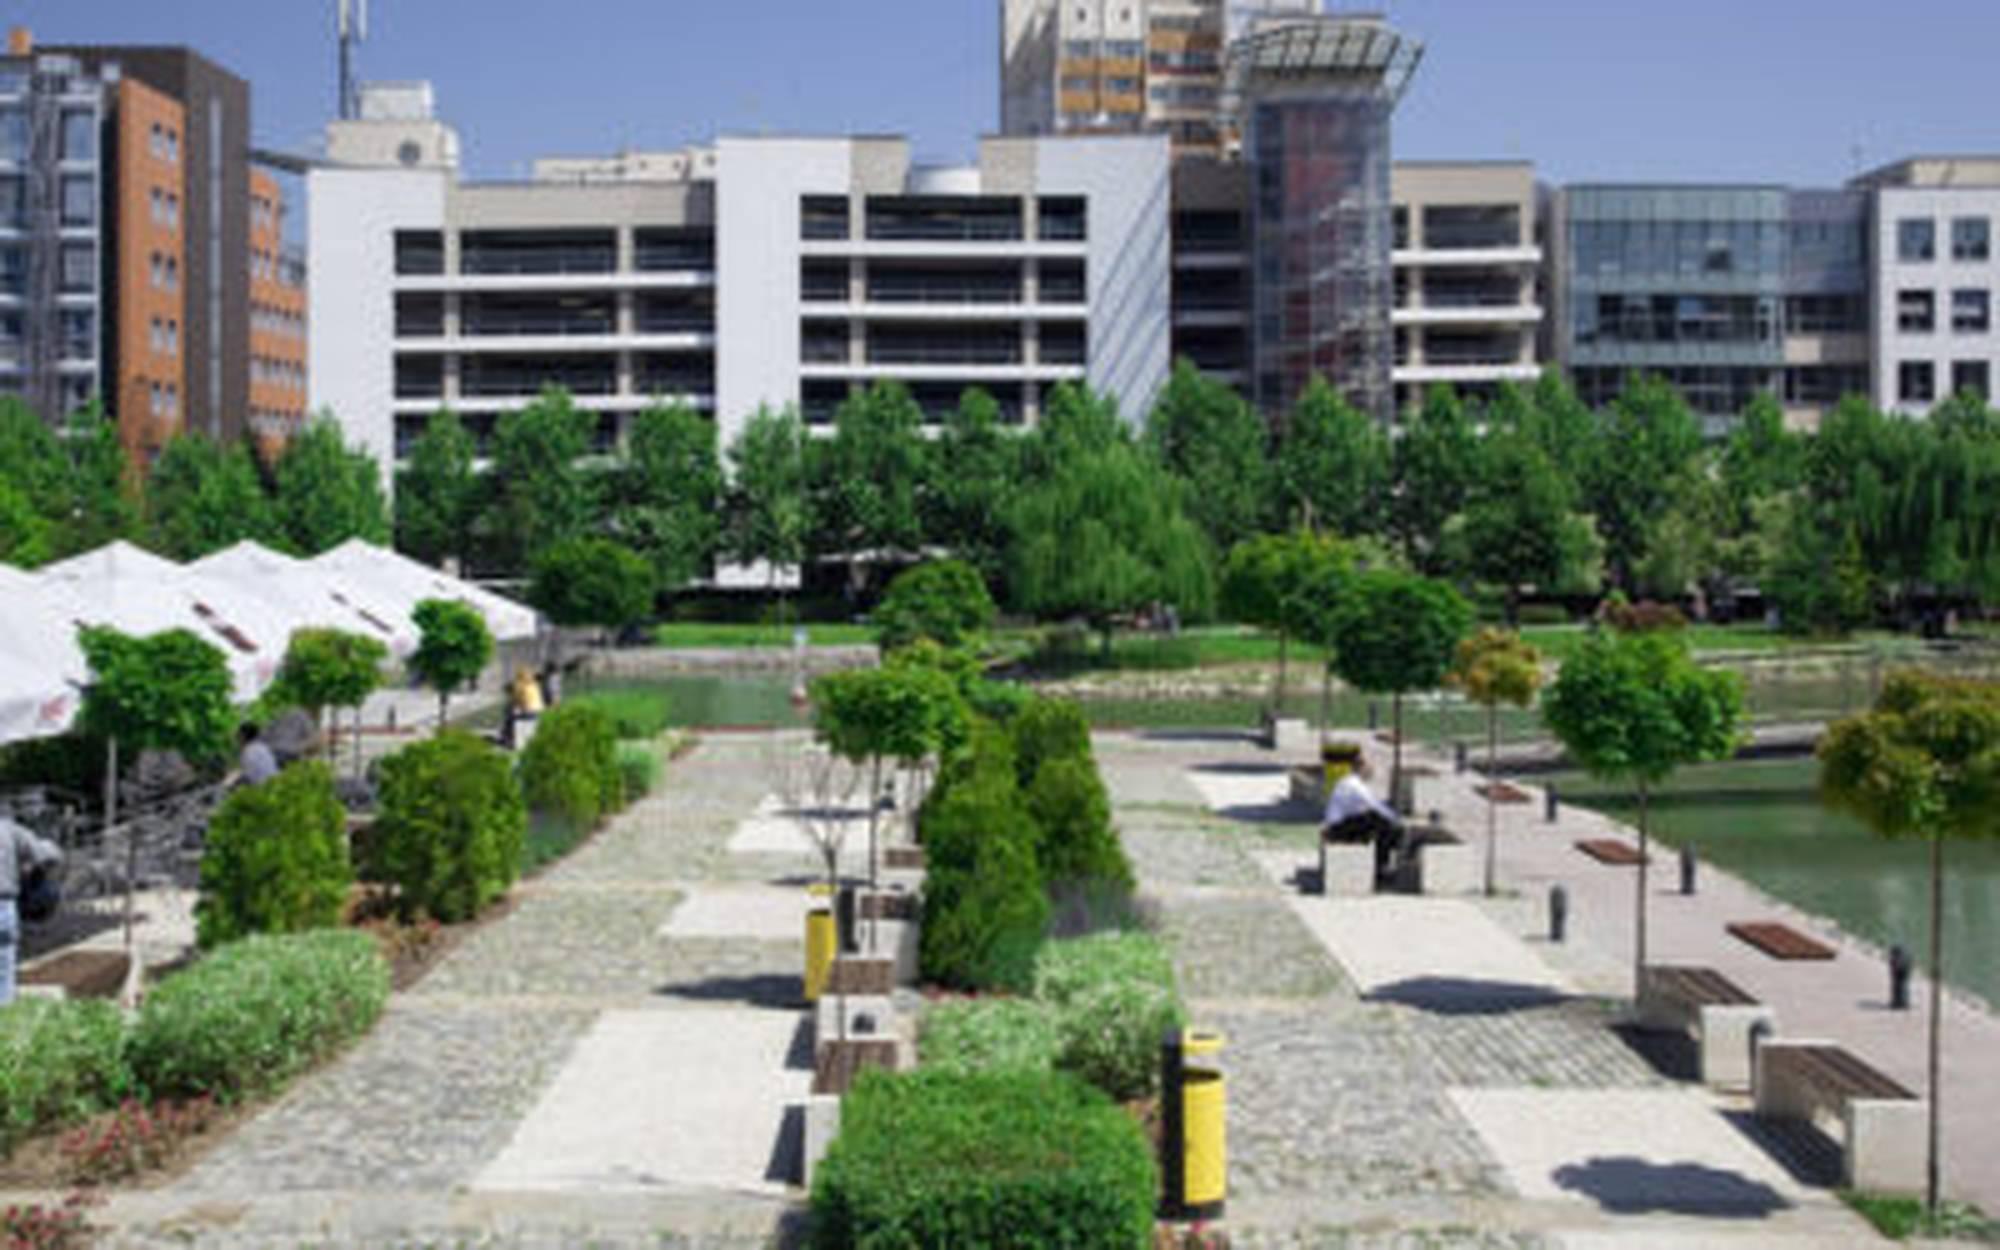 Ценовая политика на рынке недвижимости в Варшаве в 2017 году.